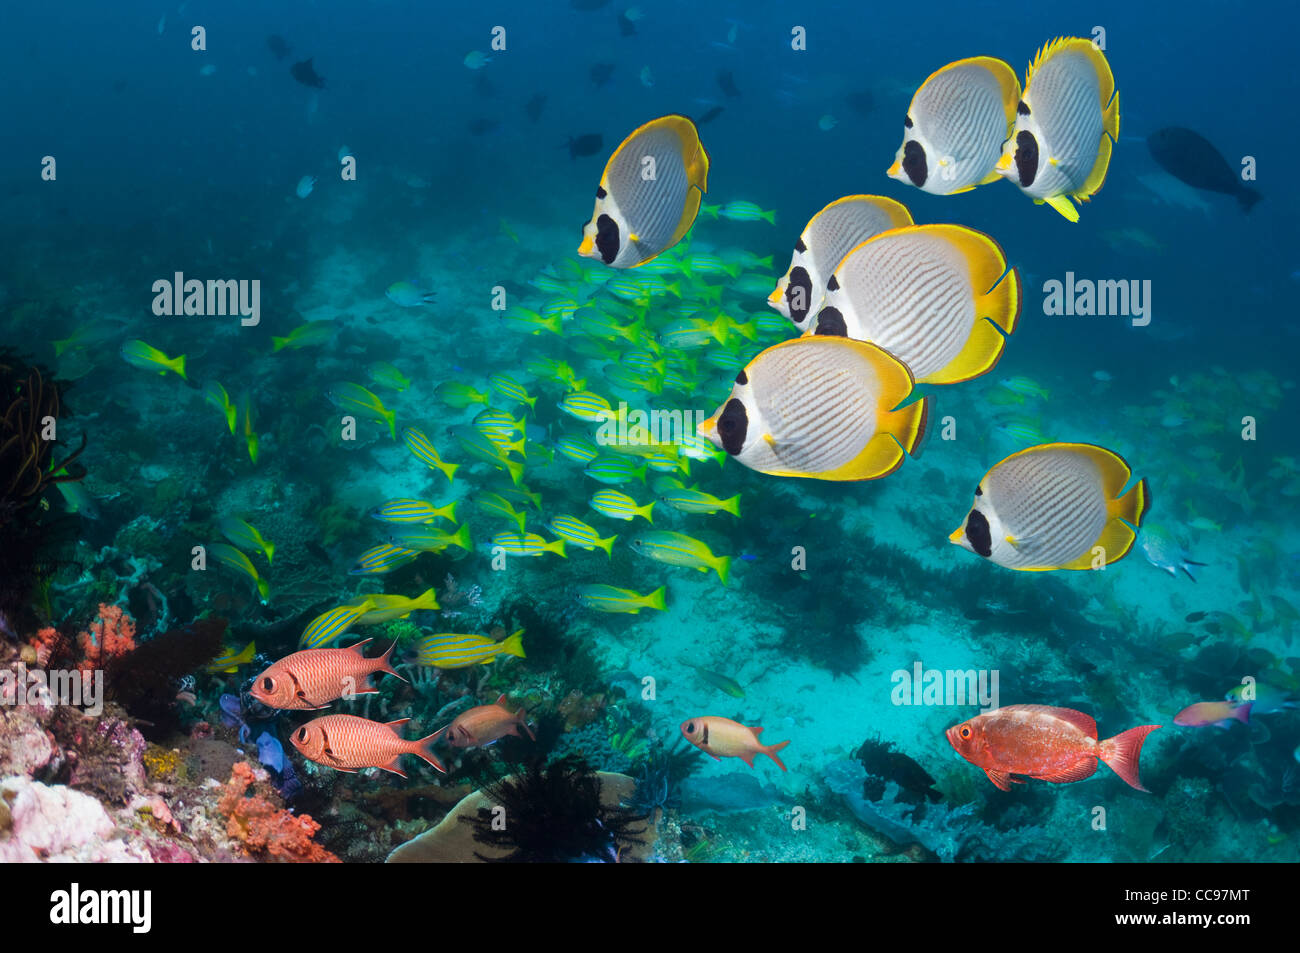 Panda butterflyfish (Chaetodon adiergastos) nadando a lo largo de arrecifes de coral con los pargos y soldierfish. Imagen De Stock